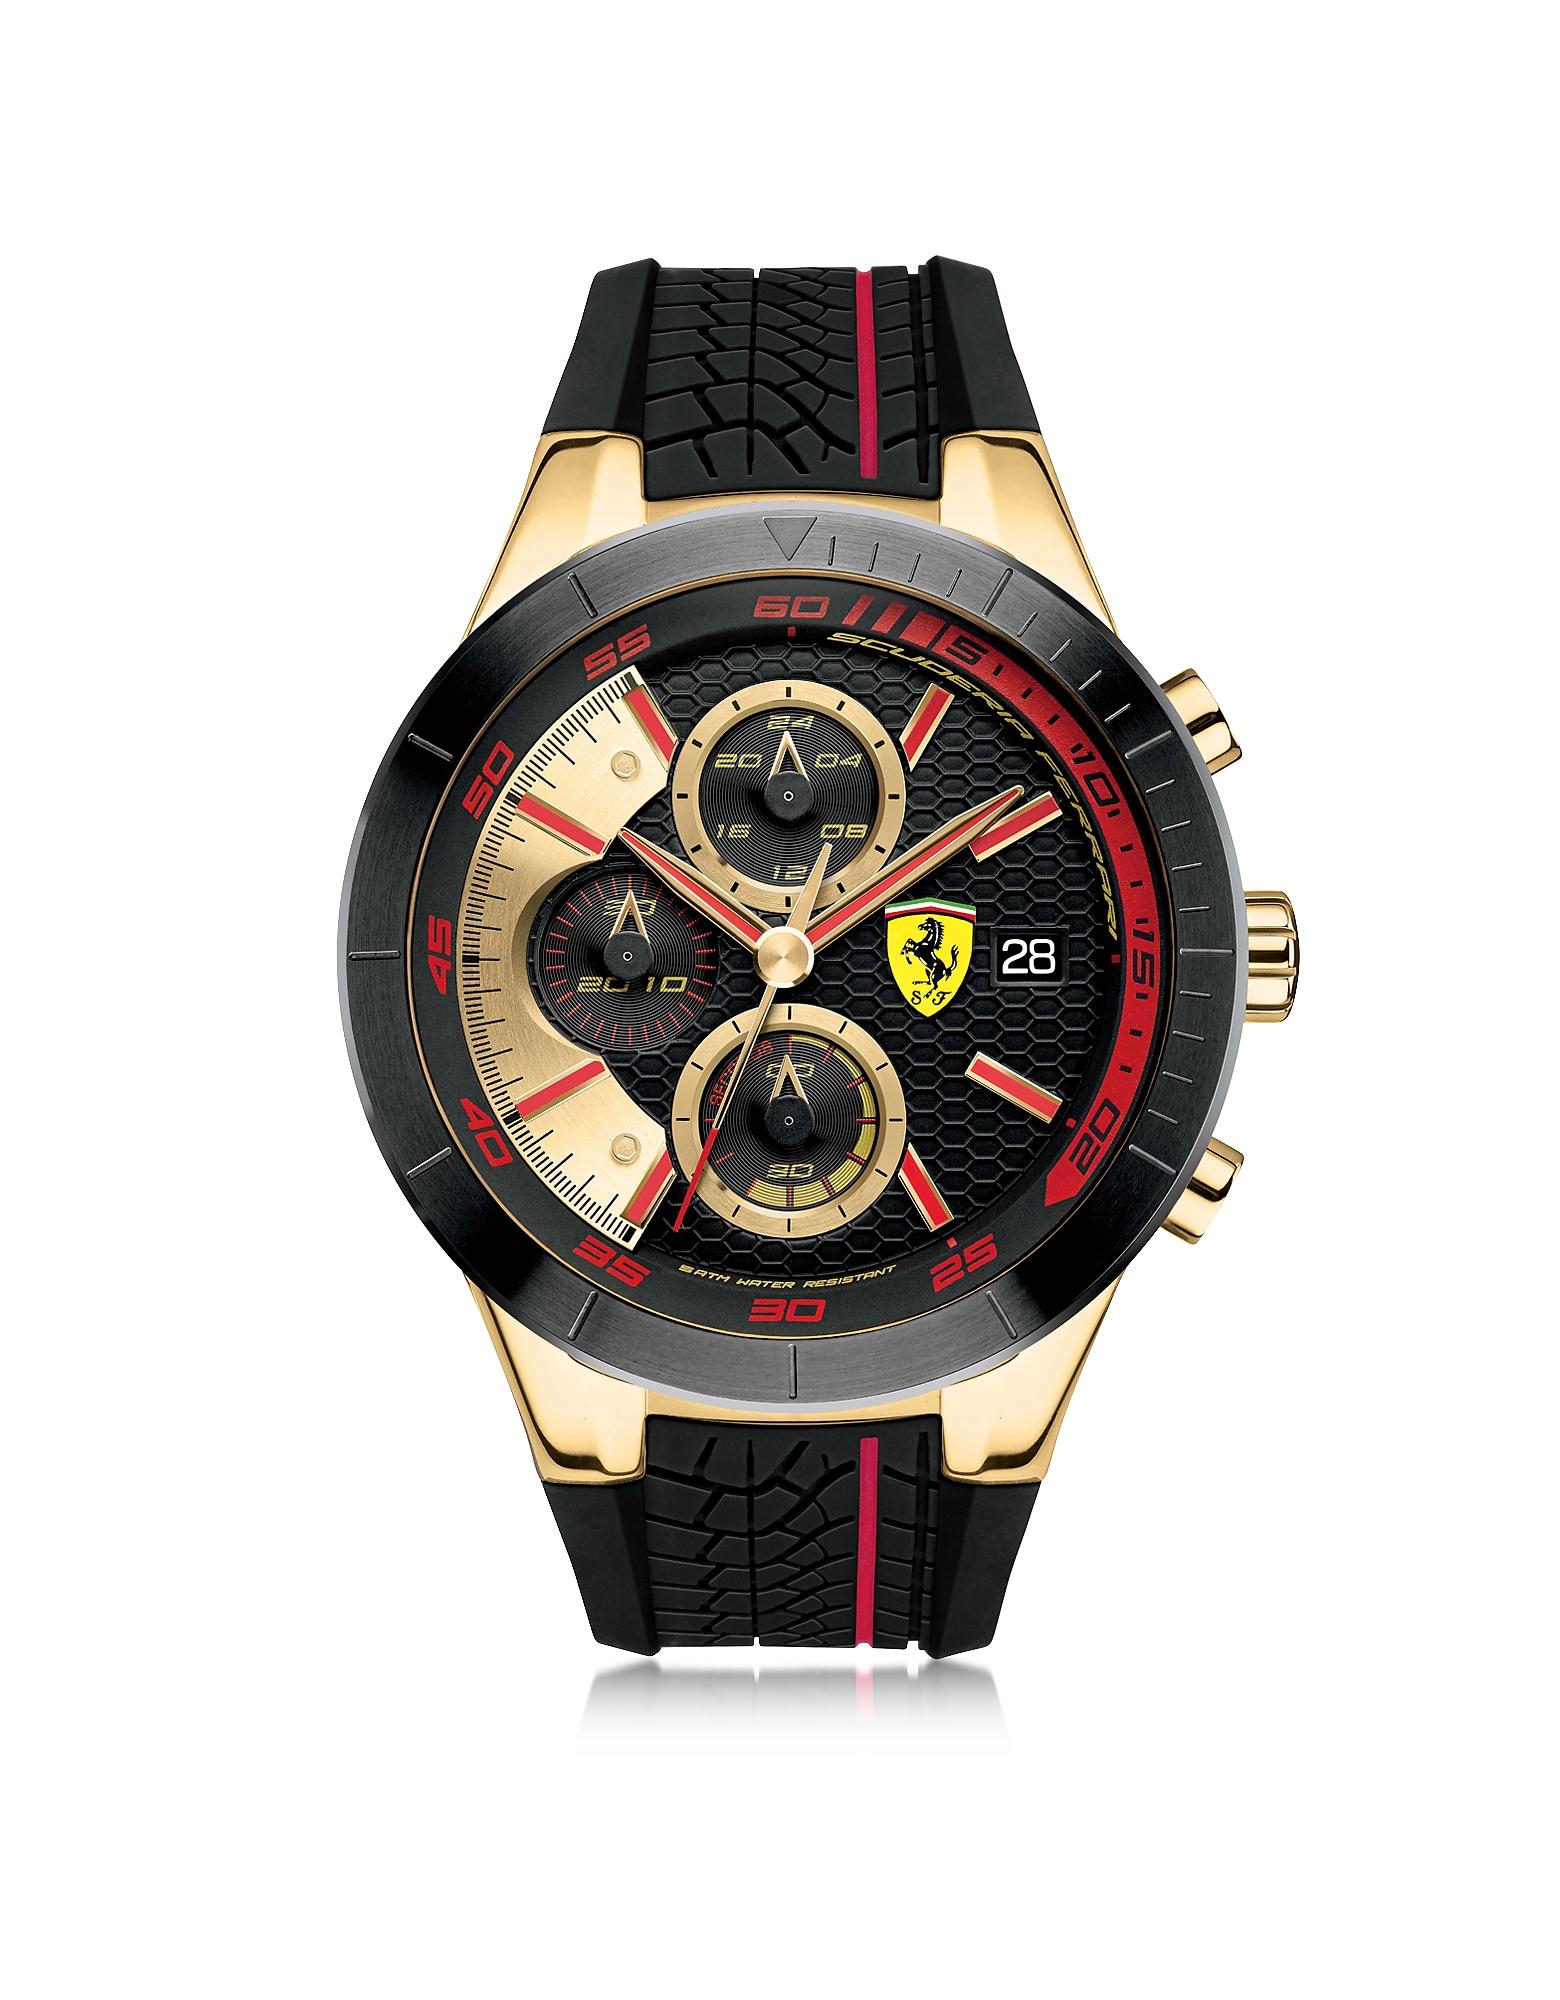 Ferrari Red Rev Evo - Черные и Красные Мужские Часы Хронограф из Нержавеющей Стали с Силиконовым Ремешком